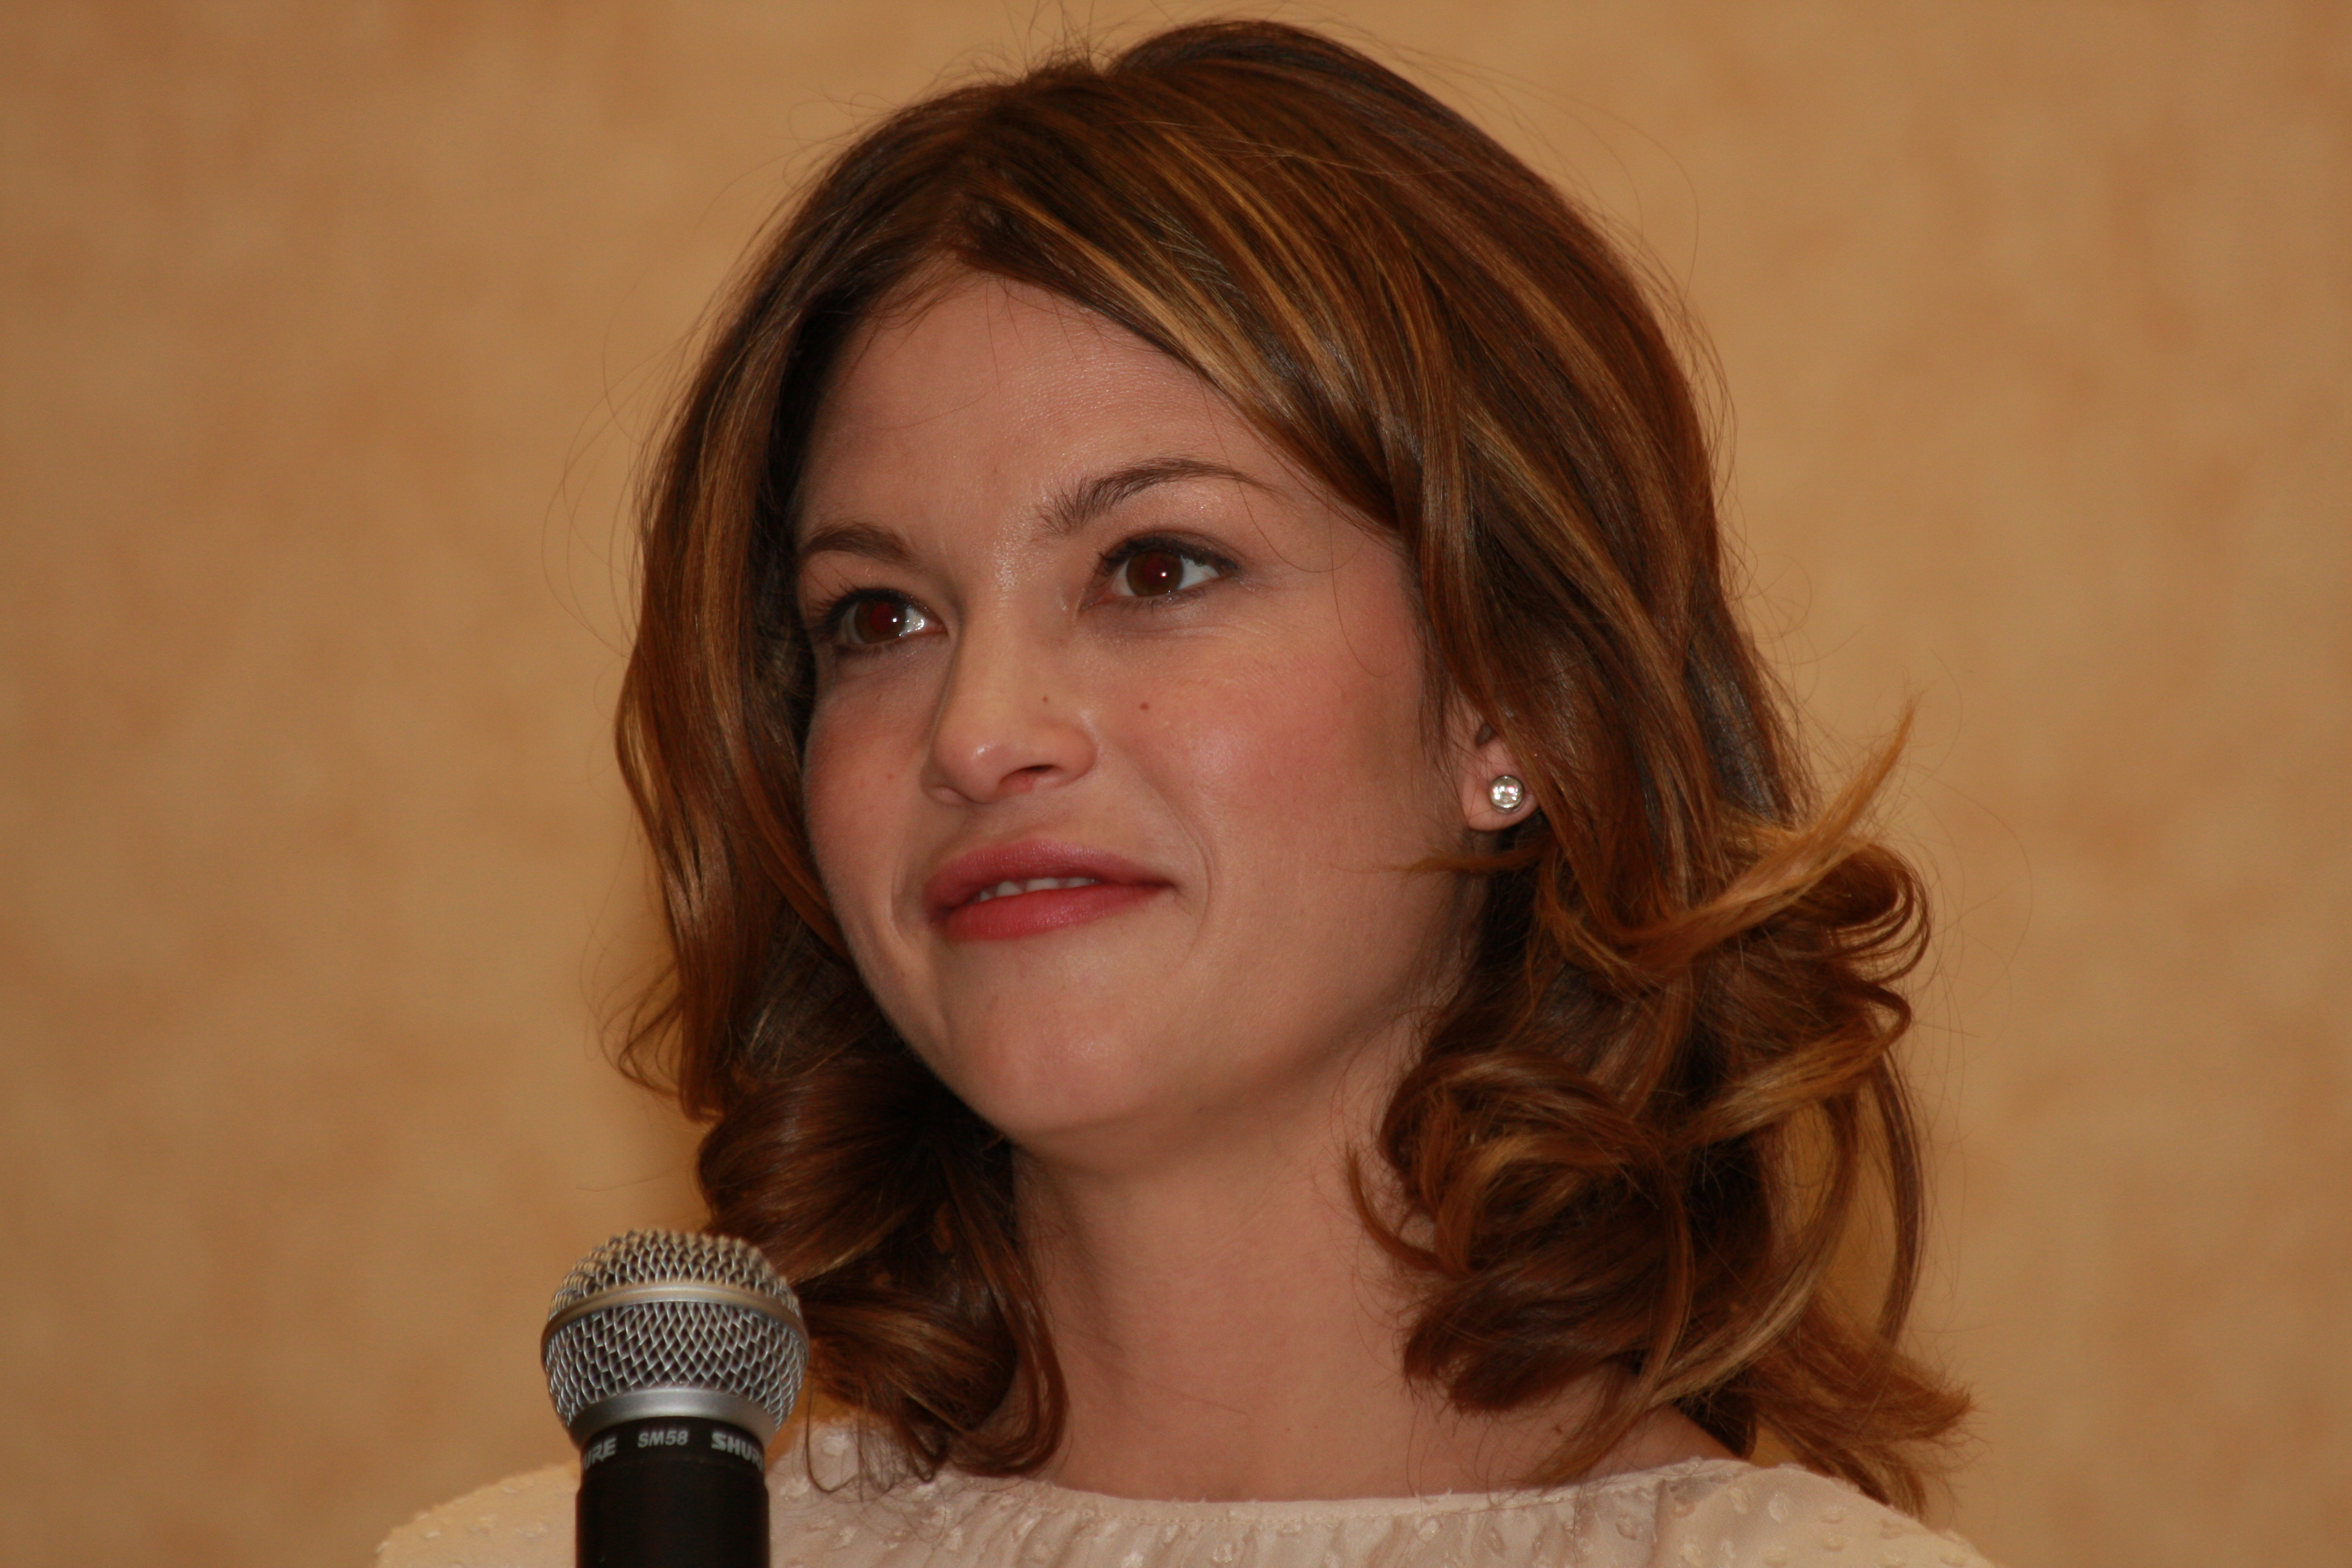 Nicki Aycox